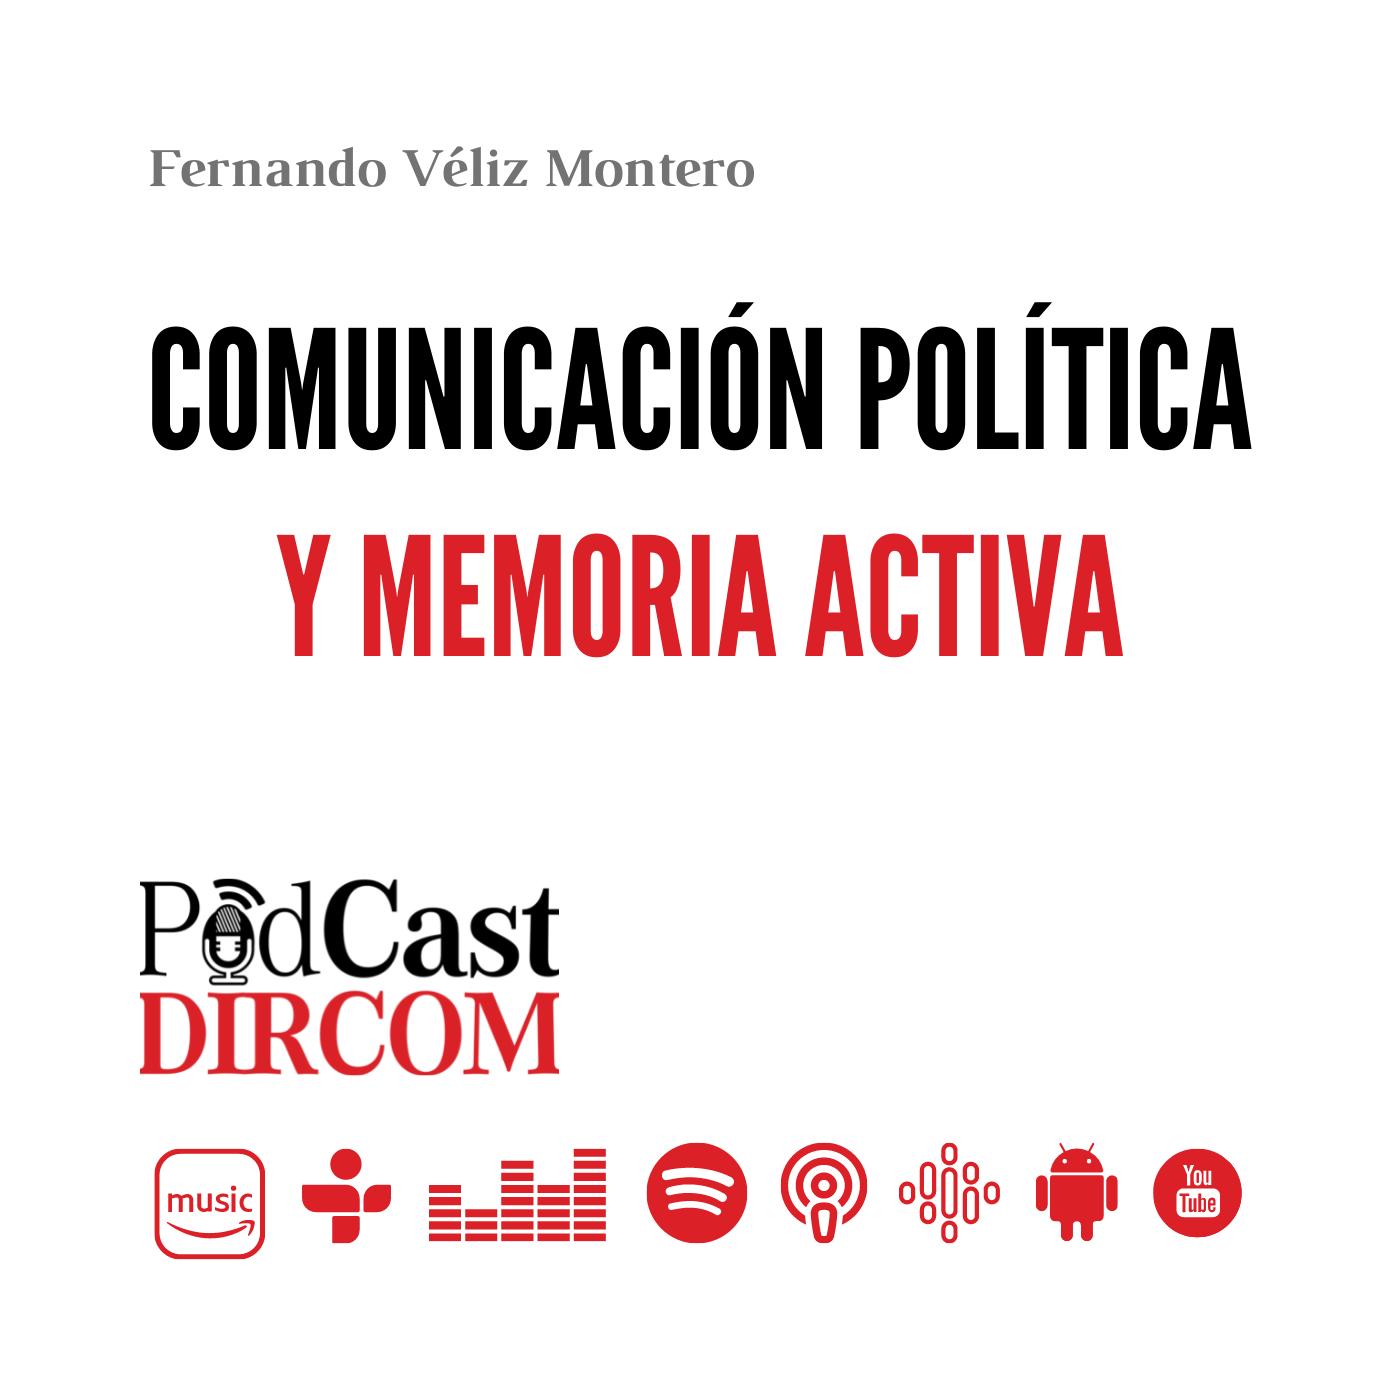 Comunicación política y memoria activa